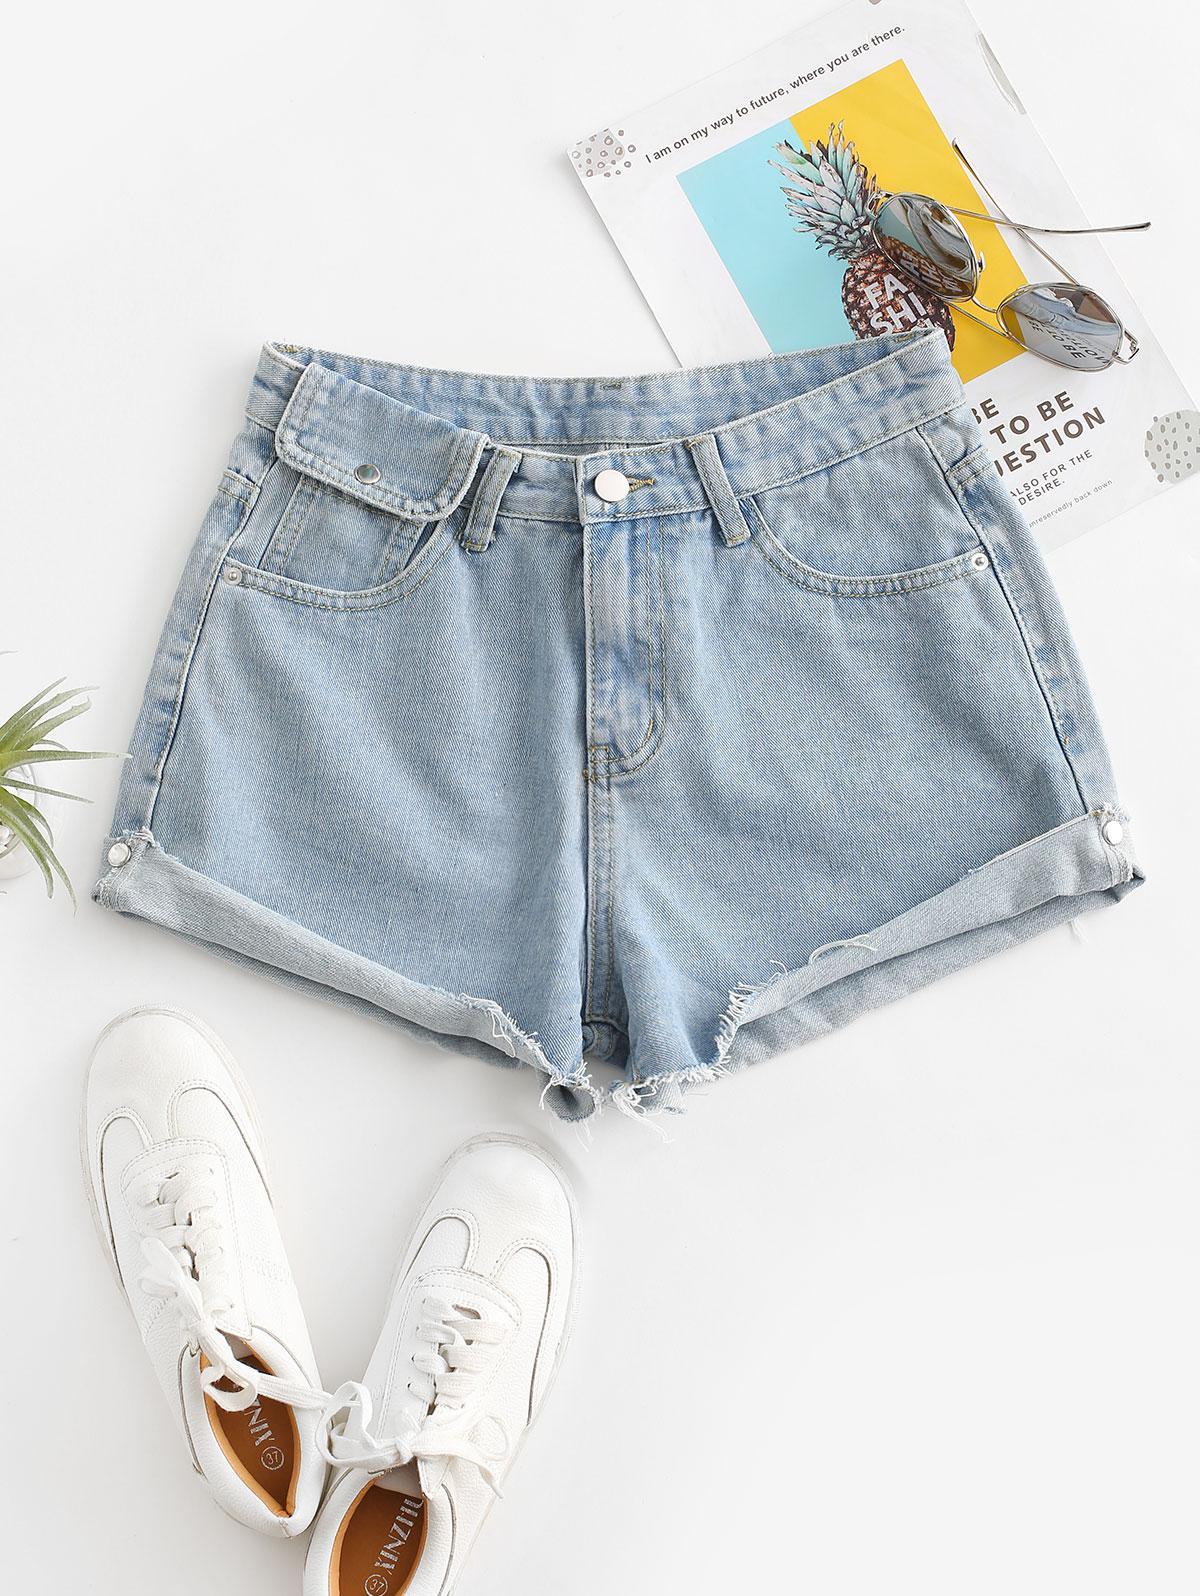 Cuff Off Cuffed Jean Shorts